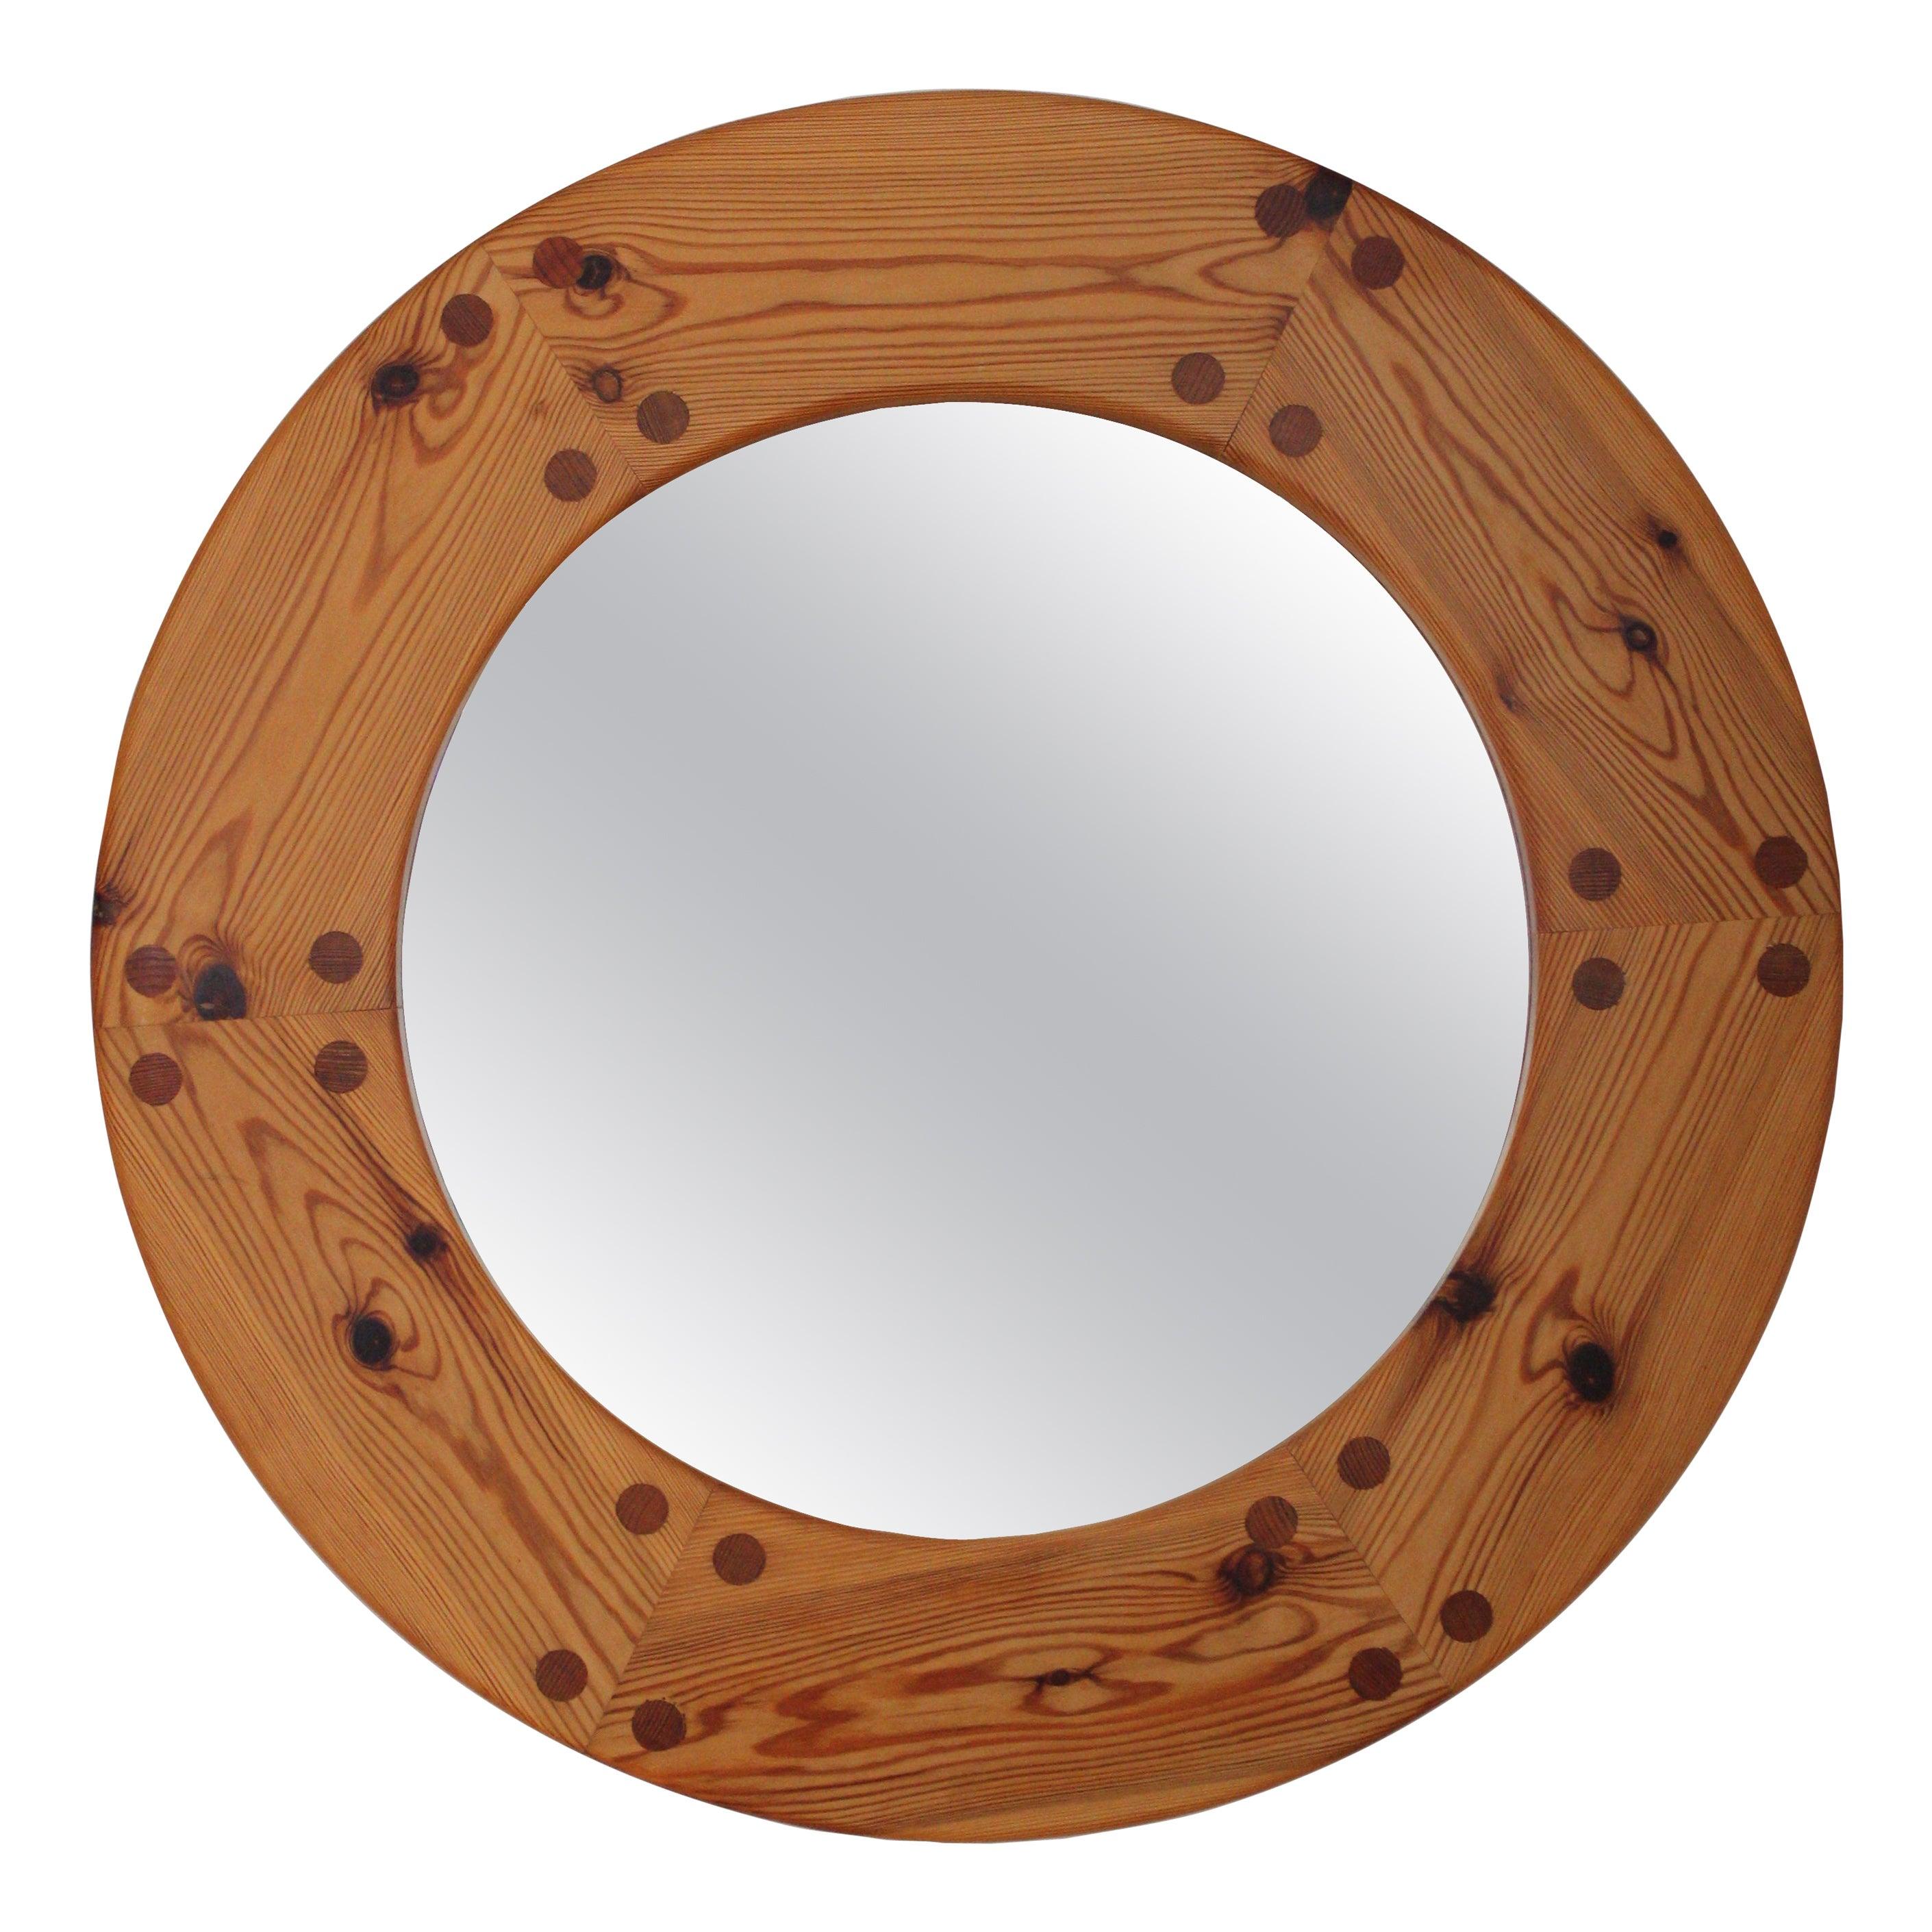 Uno Kristiansson, Round Wall Mirror, Solid Pine, Luxus, Sweden, 1960s